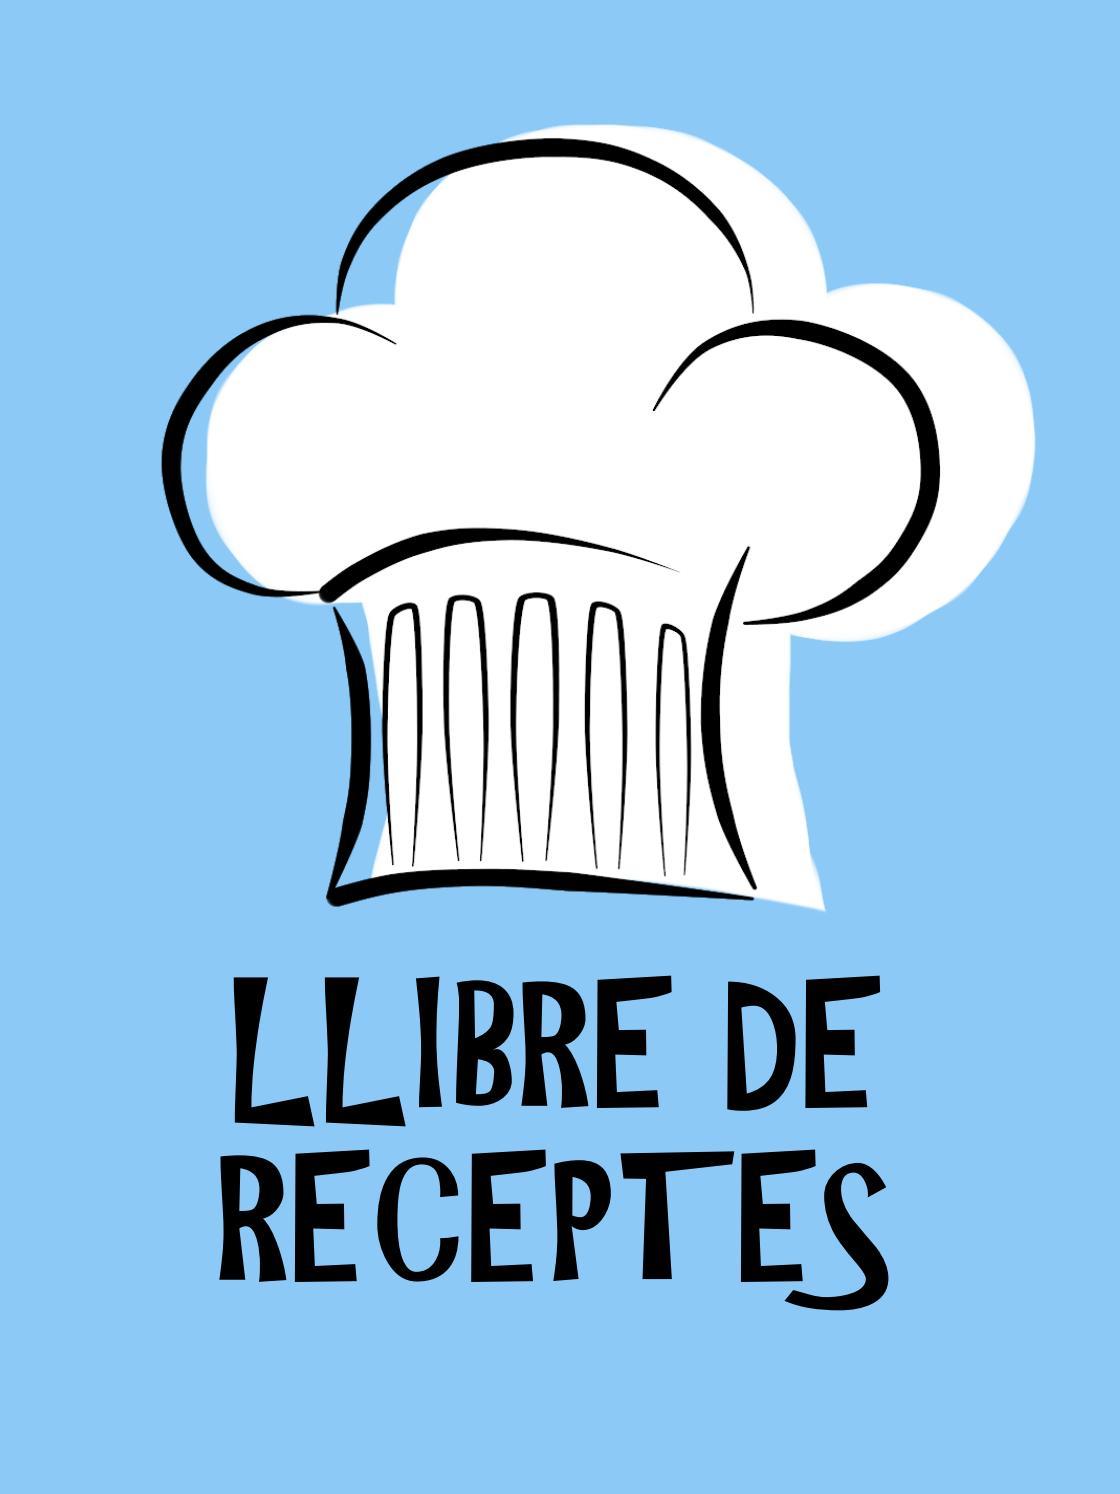 Llibre de receptes by ursulacaroz04 - issuu